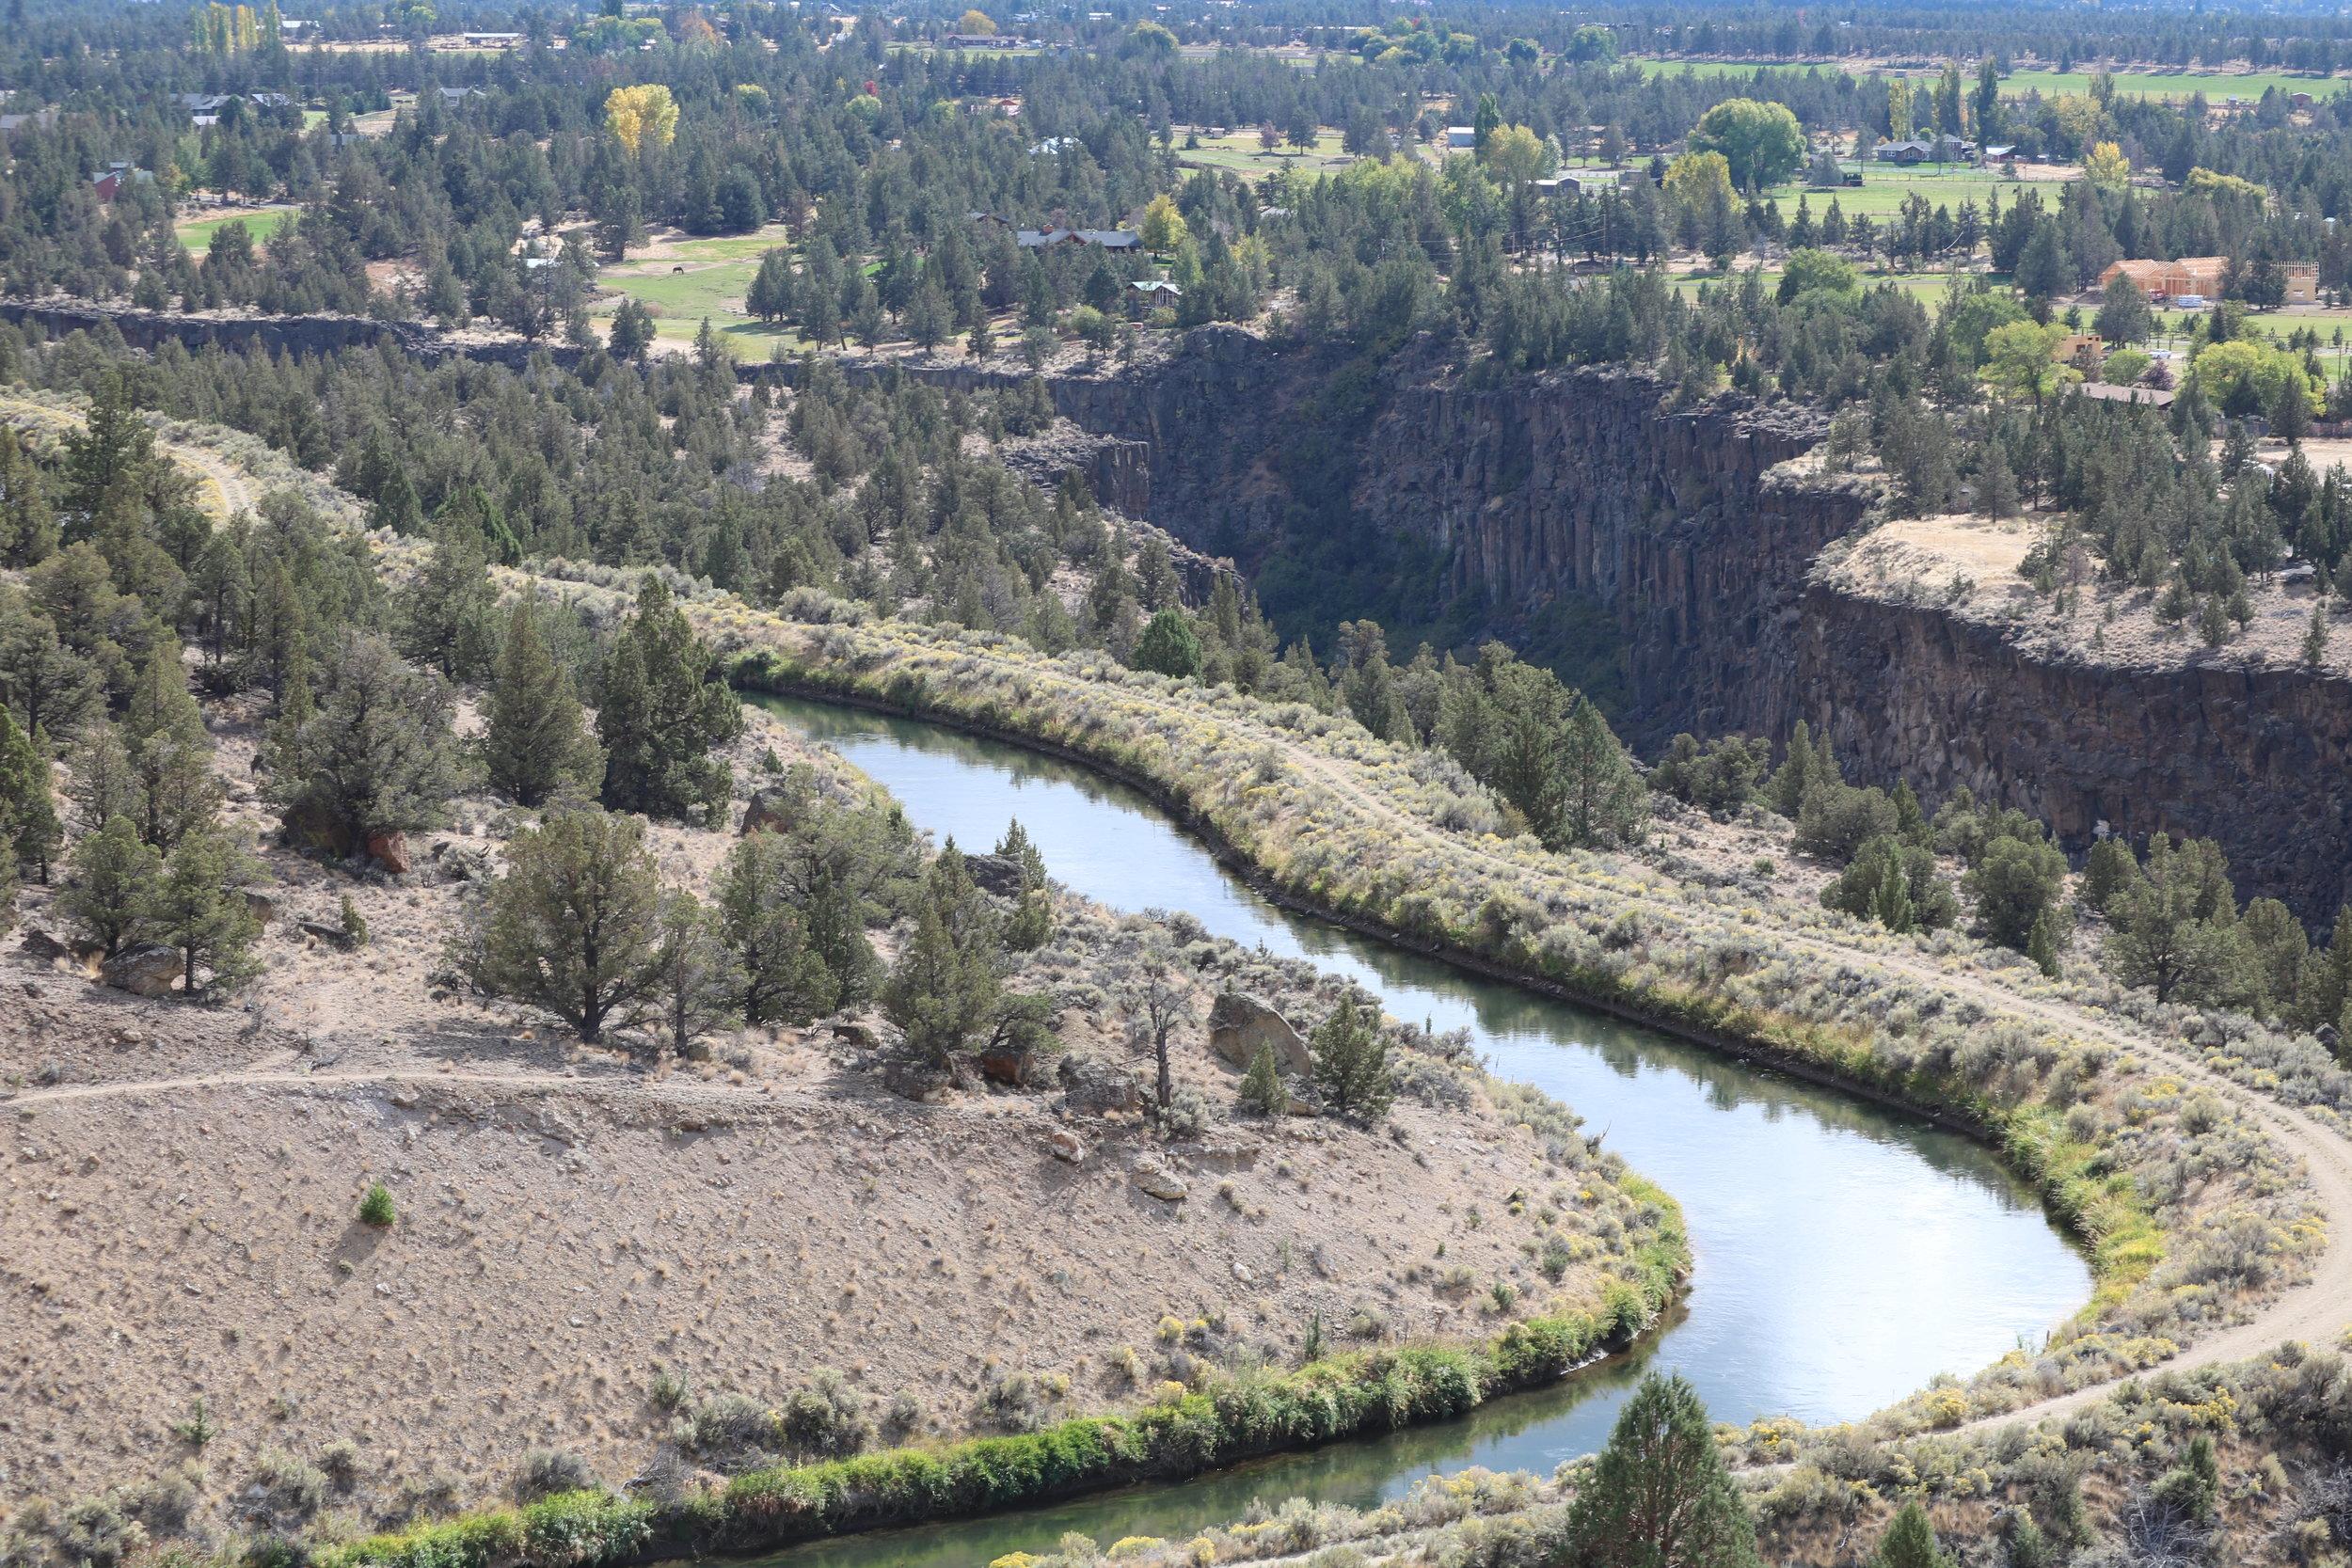 Poco tiempo después,el río Crooked cortó su camino a través de las capas de roca para crear las características geográficas de hoy.